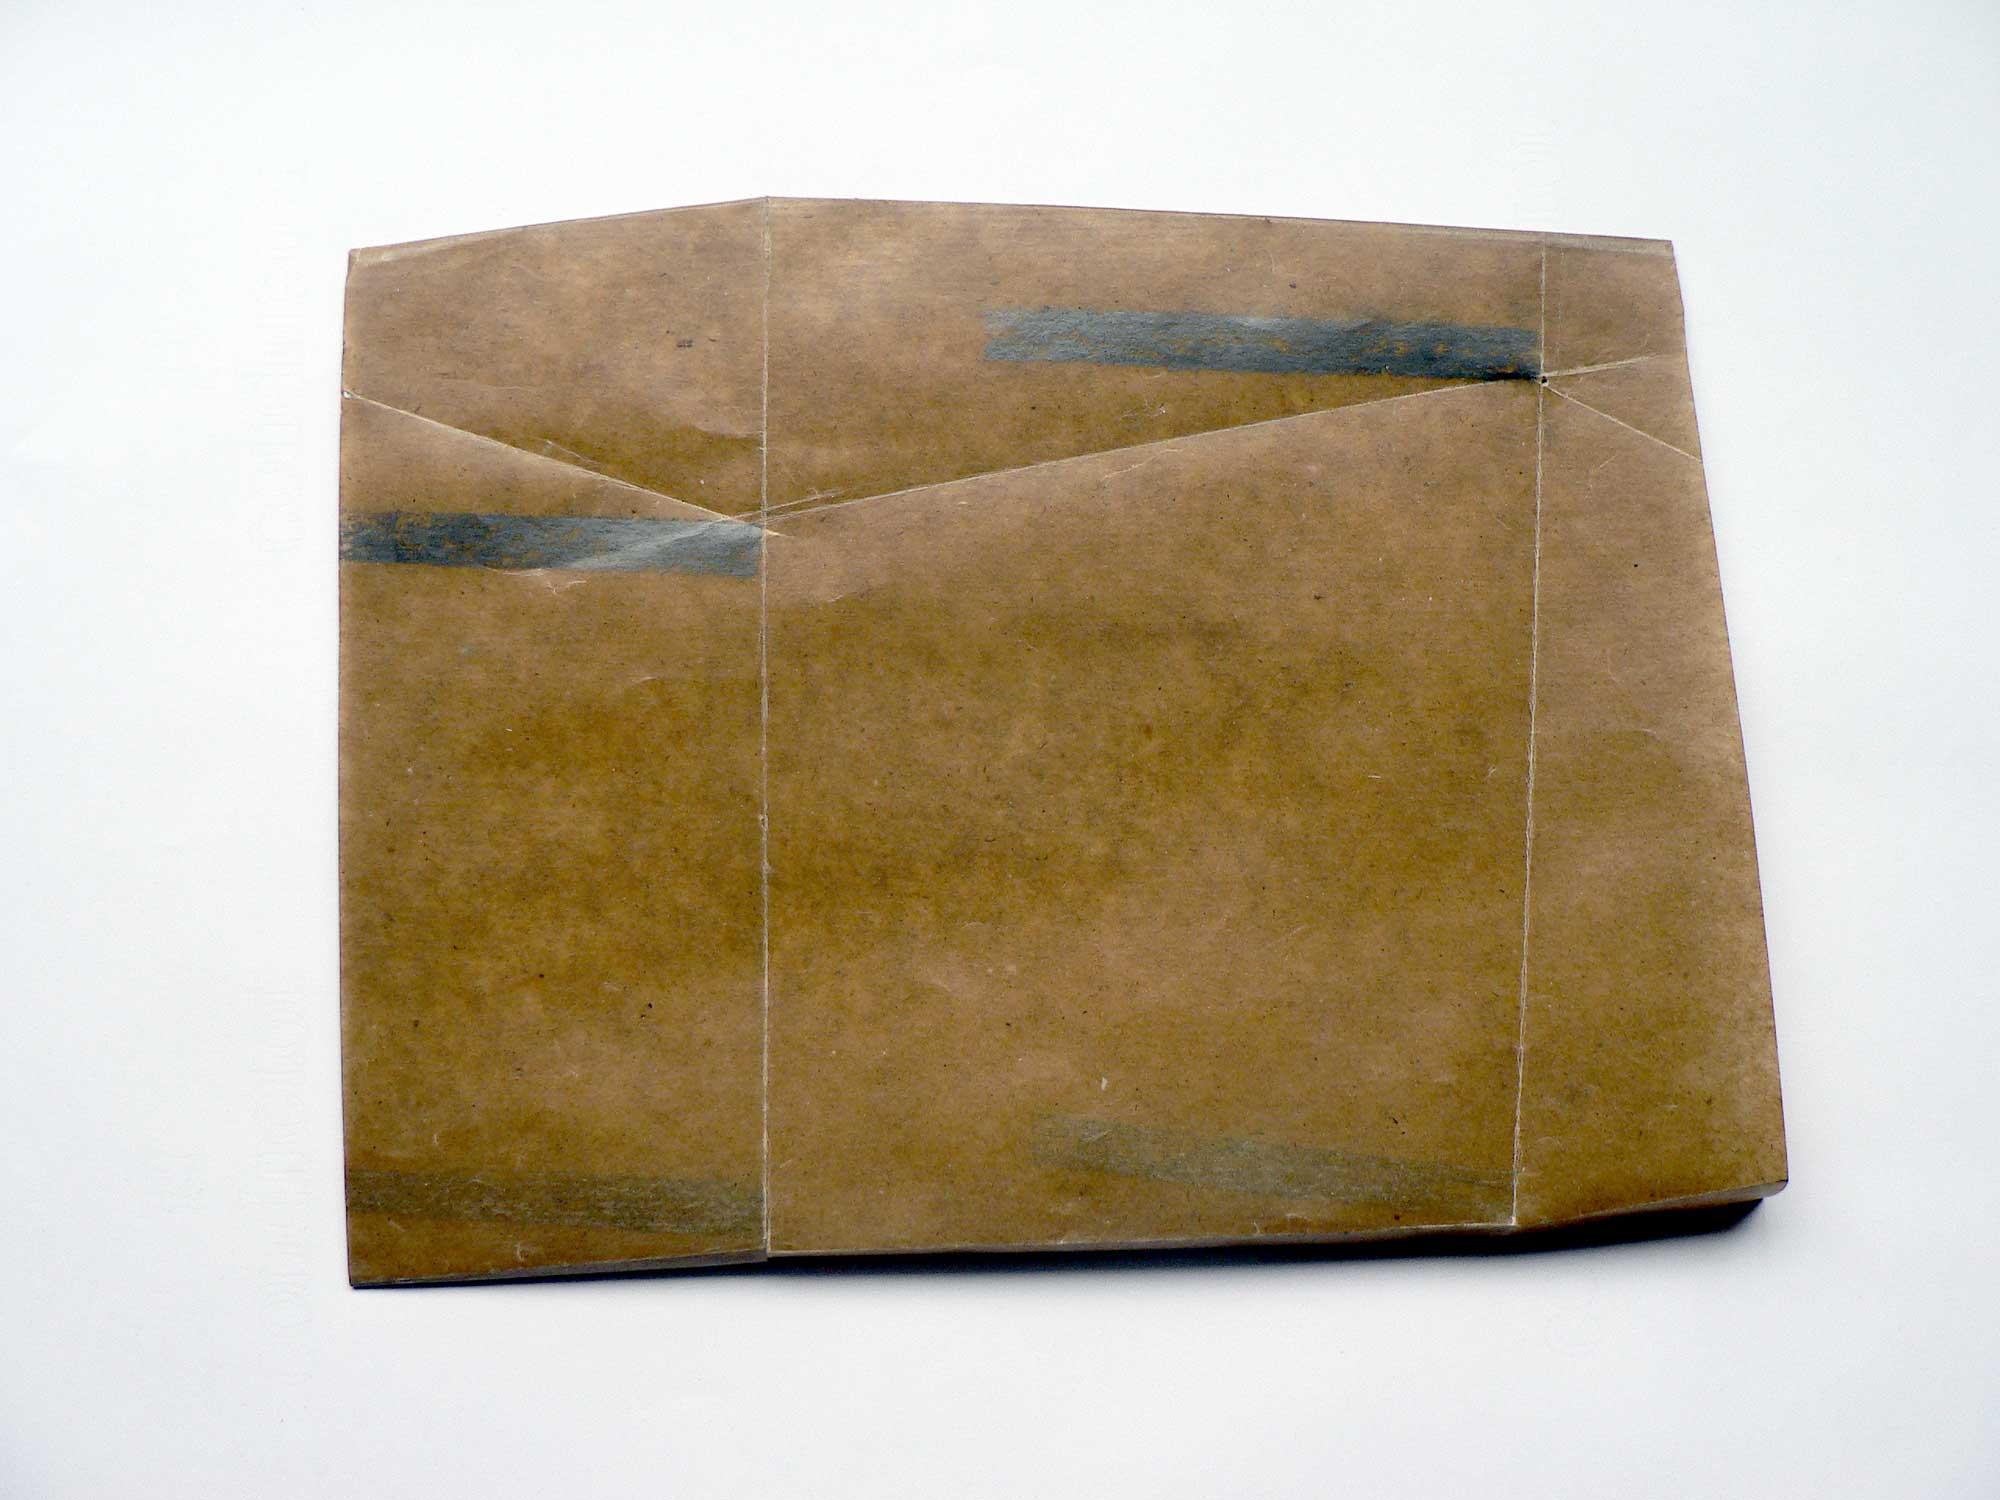 Dessin dessous volume - 2013 – Mine de plomb sur papier paraffiné. 35 x 25 cm. Denis Falgoux